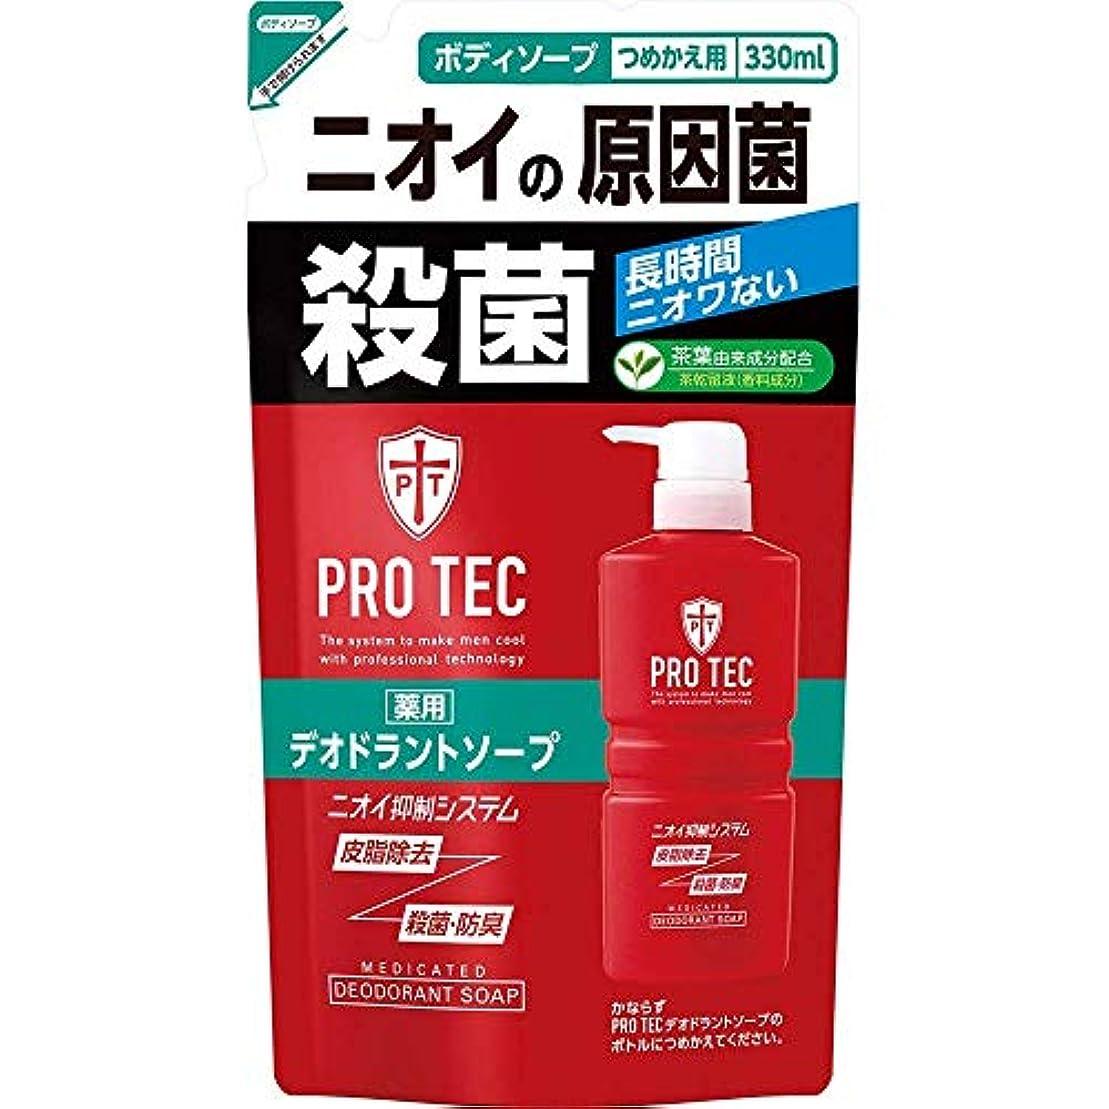 はず余暇不調和PRO TEC デオドラントソープ つめかえ用 330ml ×2セット